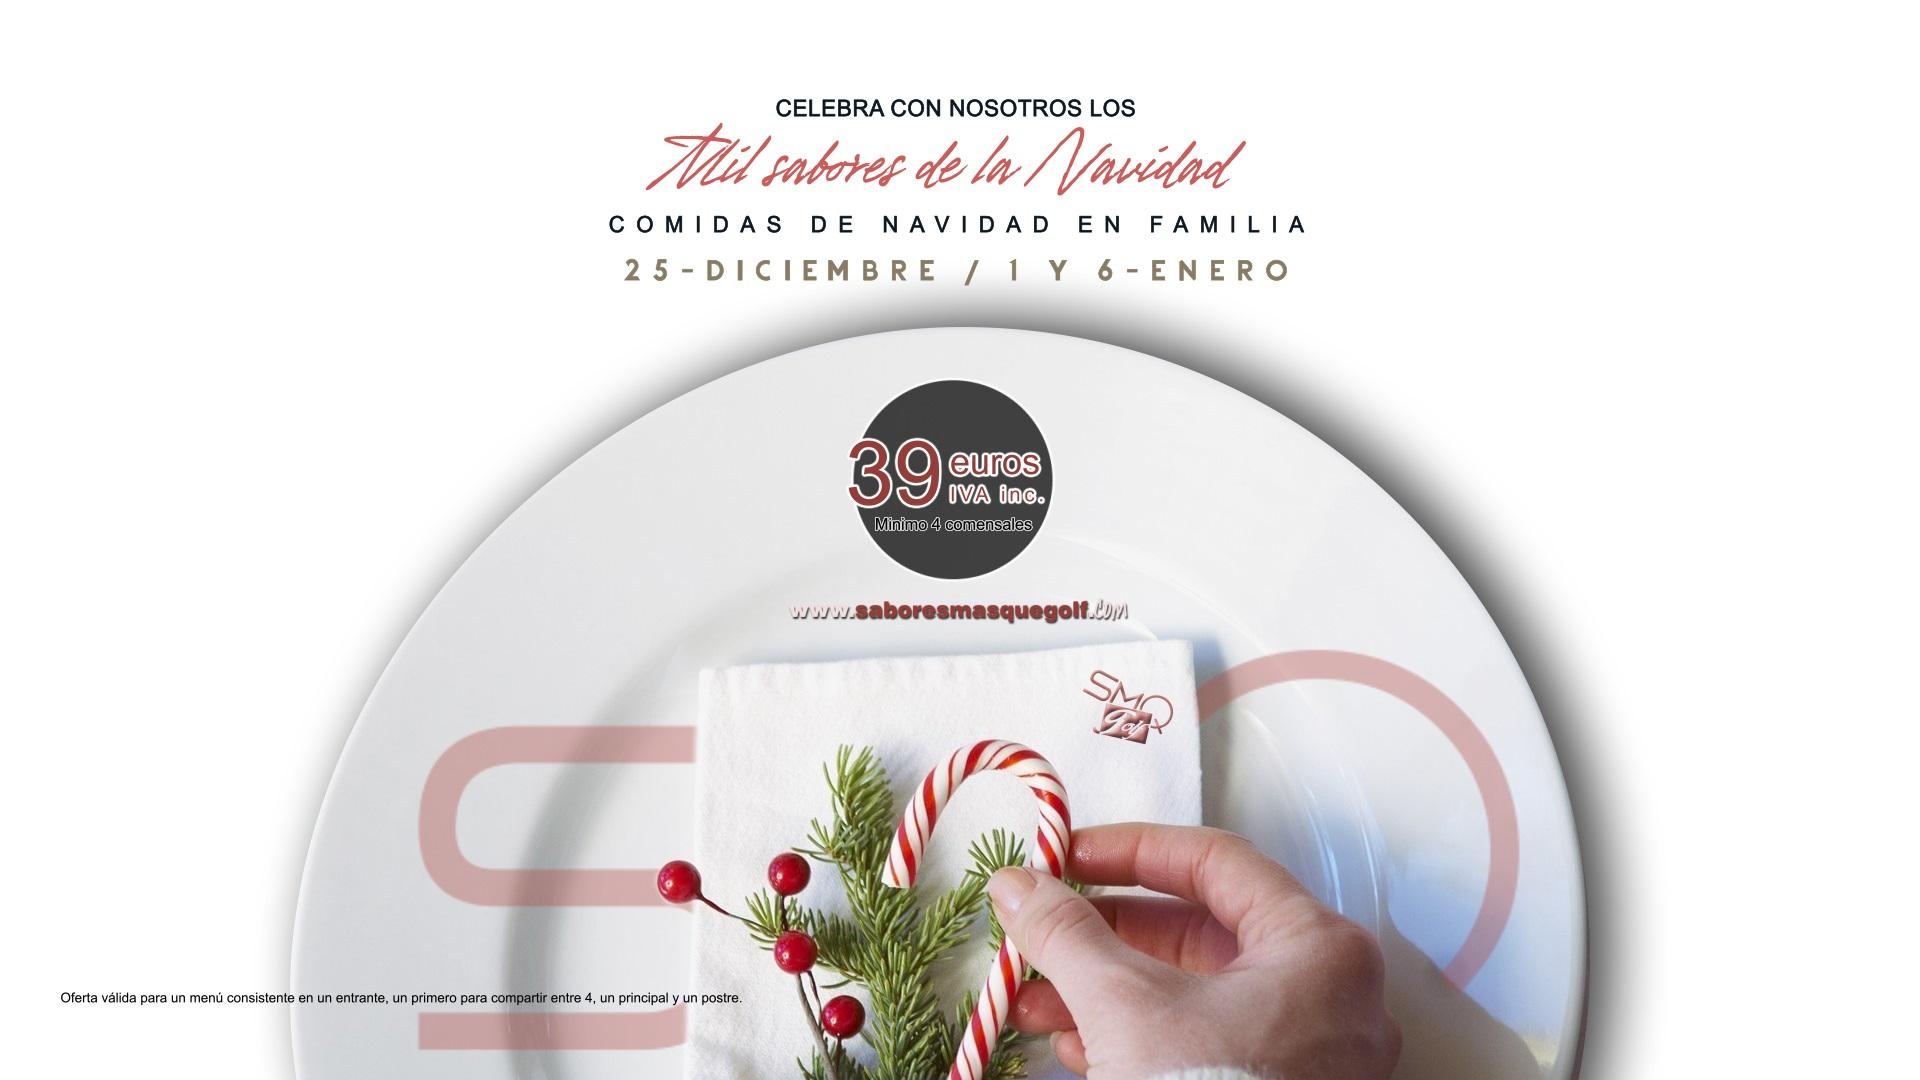 Mil sabores de la Navidad - Comidas de Navidad en Familia (25 de Diciembre, 1 y 6 de Enero 2017)